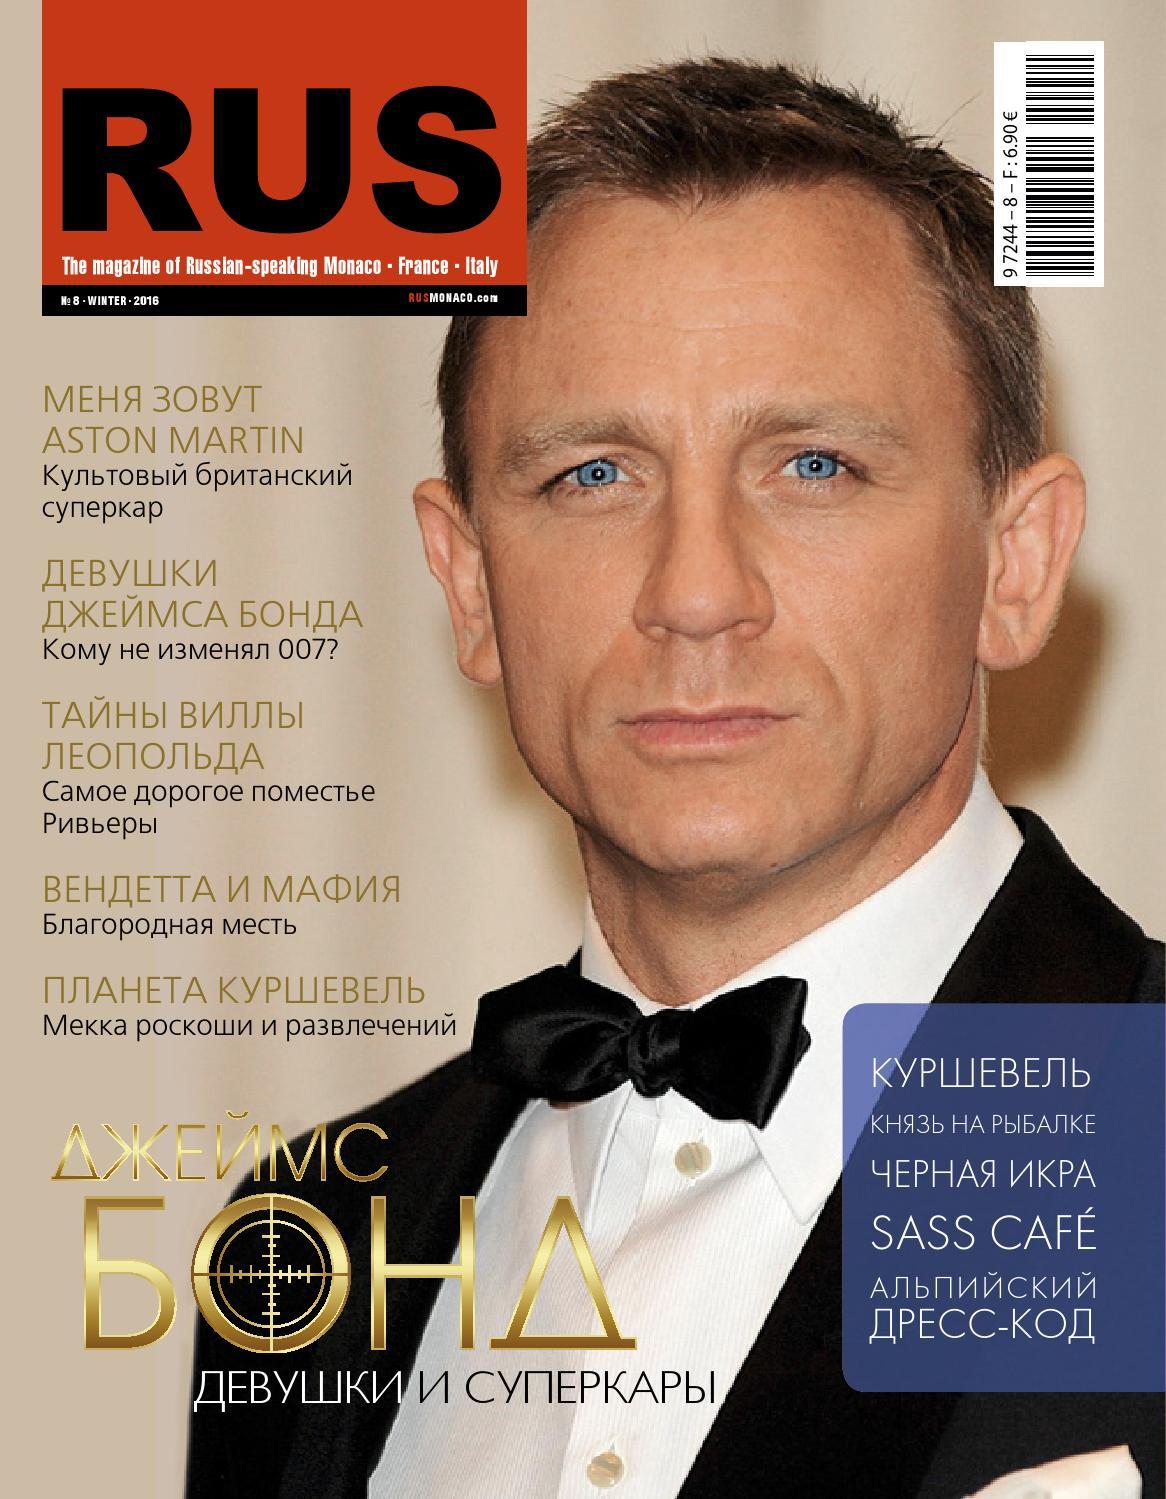 русская речь 2005 год журнал номер 2.